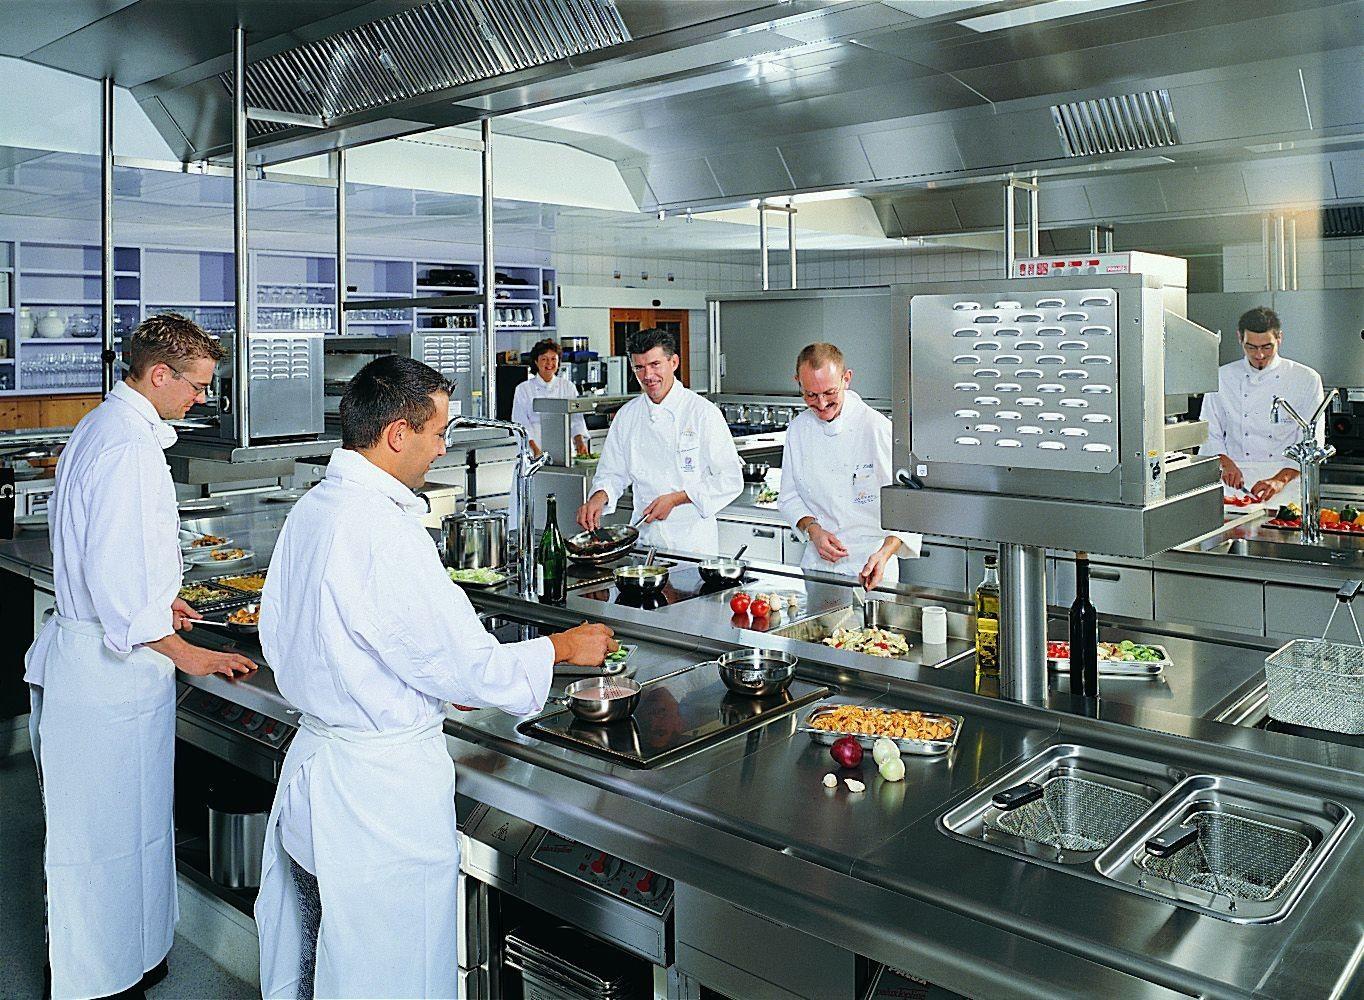 Kitchen Equipment | The Commercial Kitchen | Pinterest | Kitchen ...